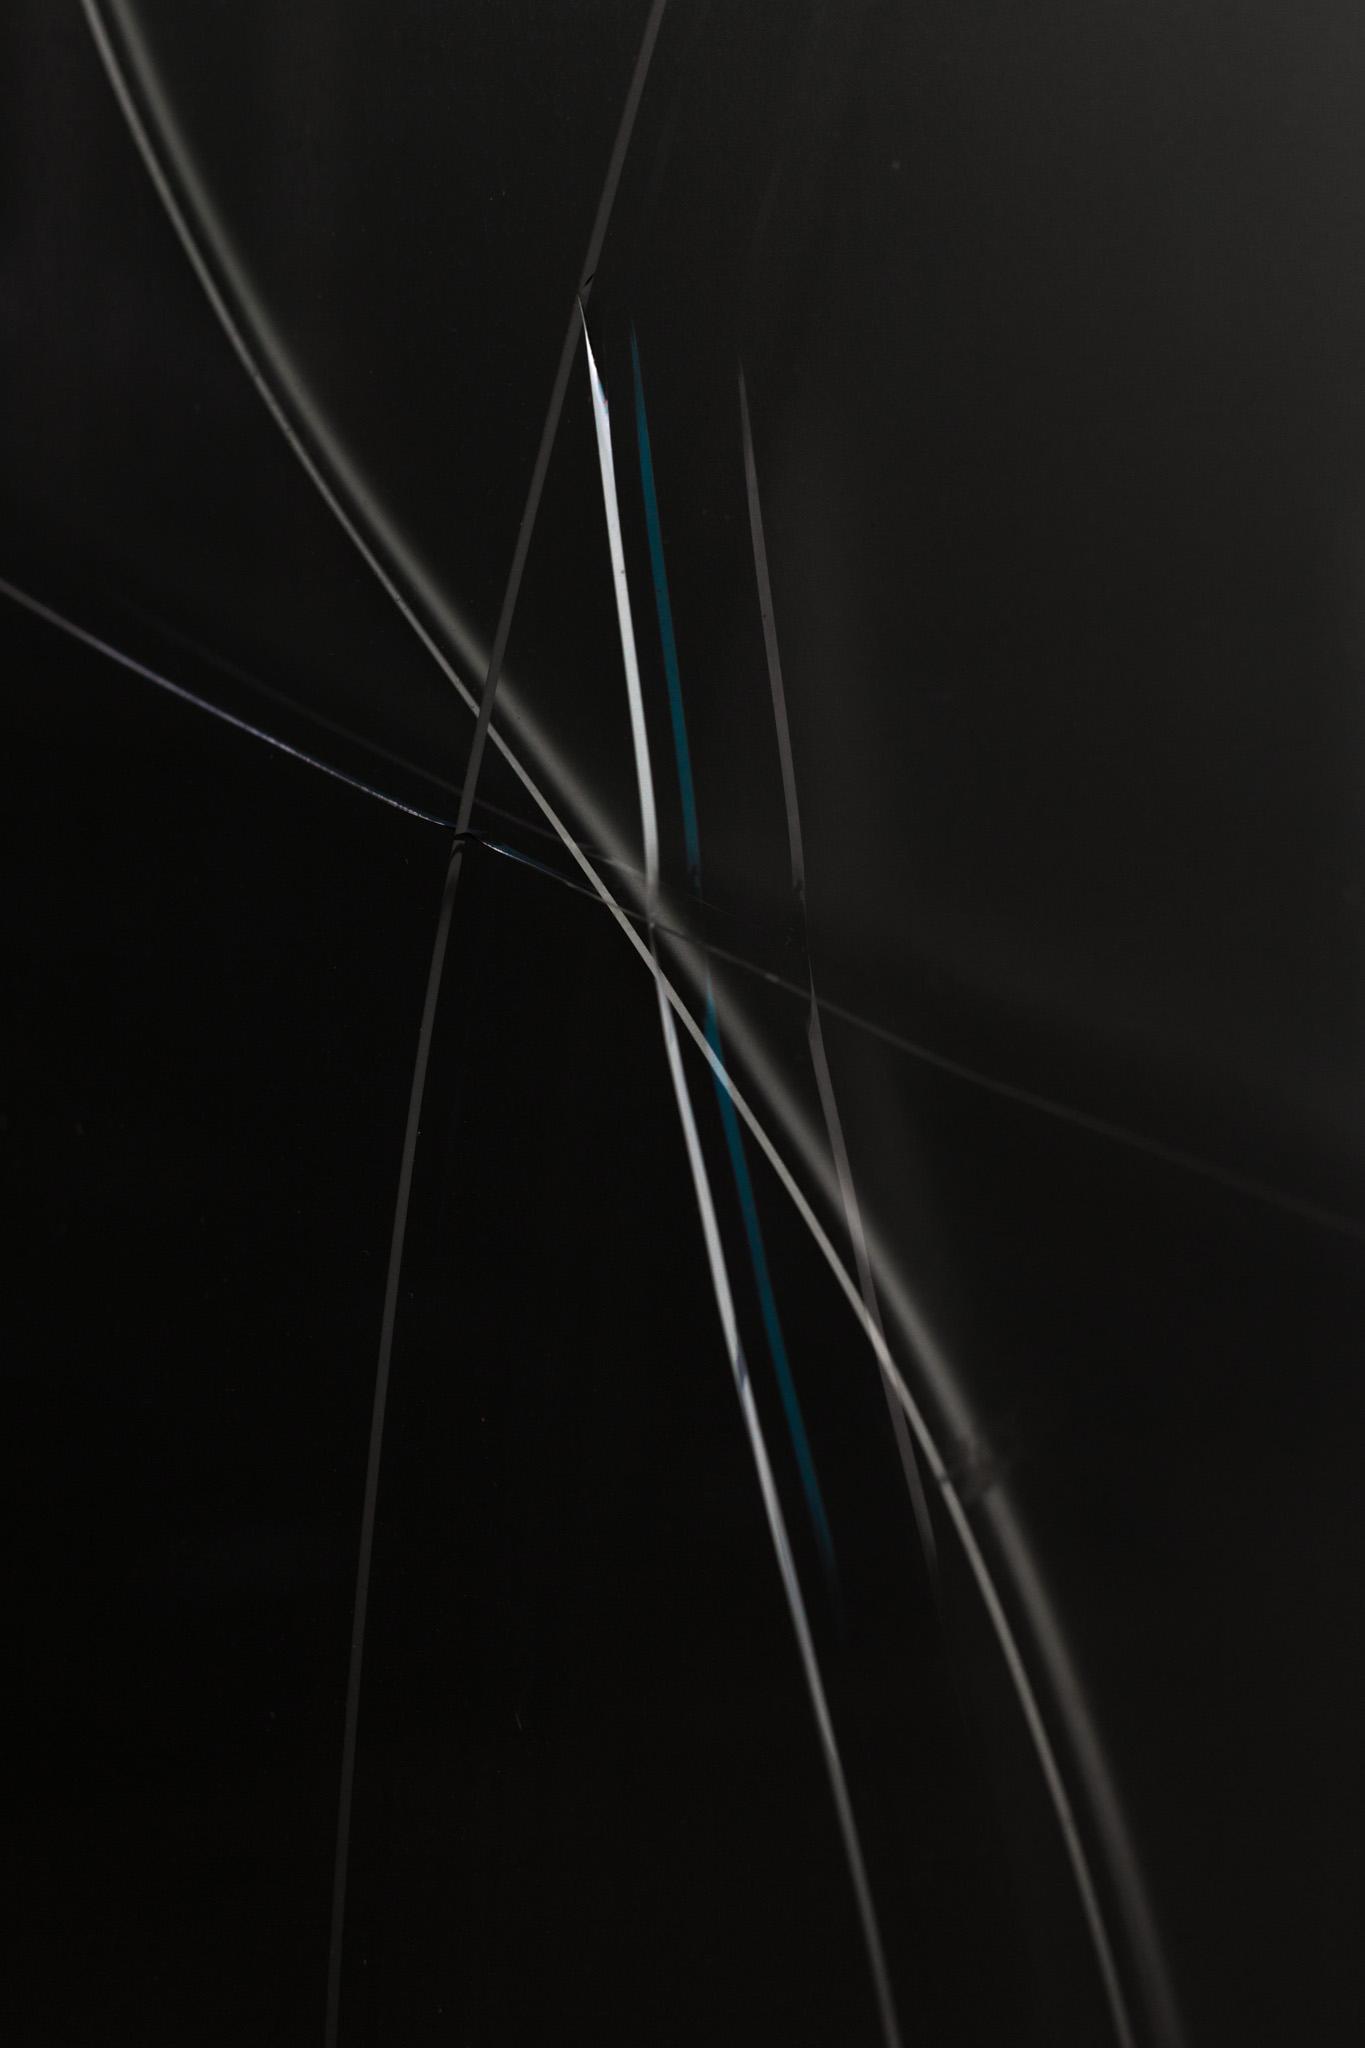 DarkMatter-04.jpg